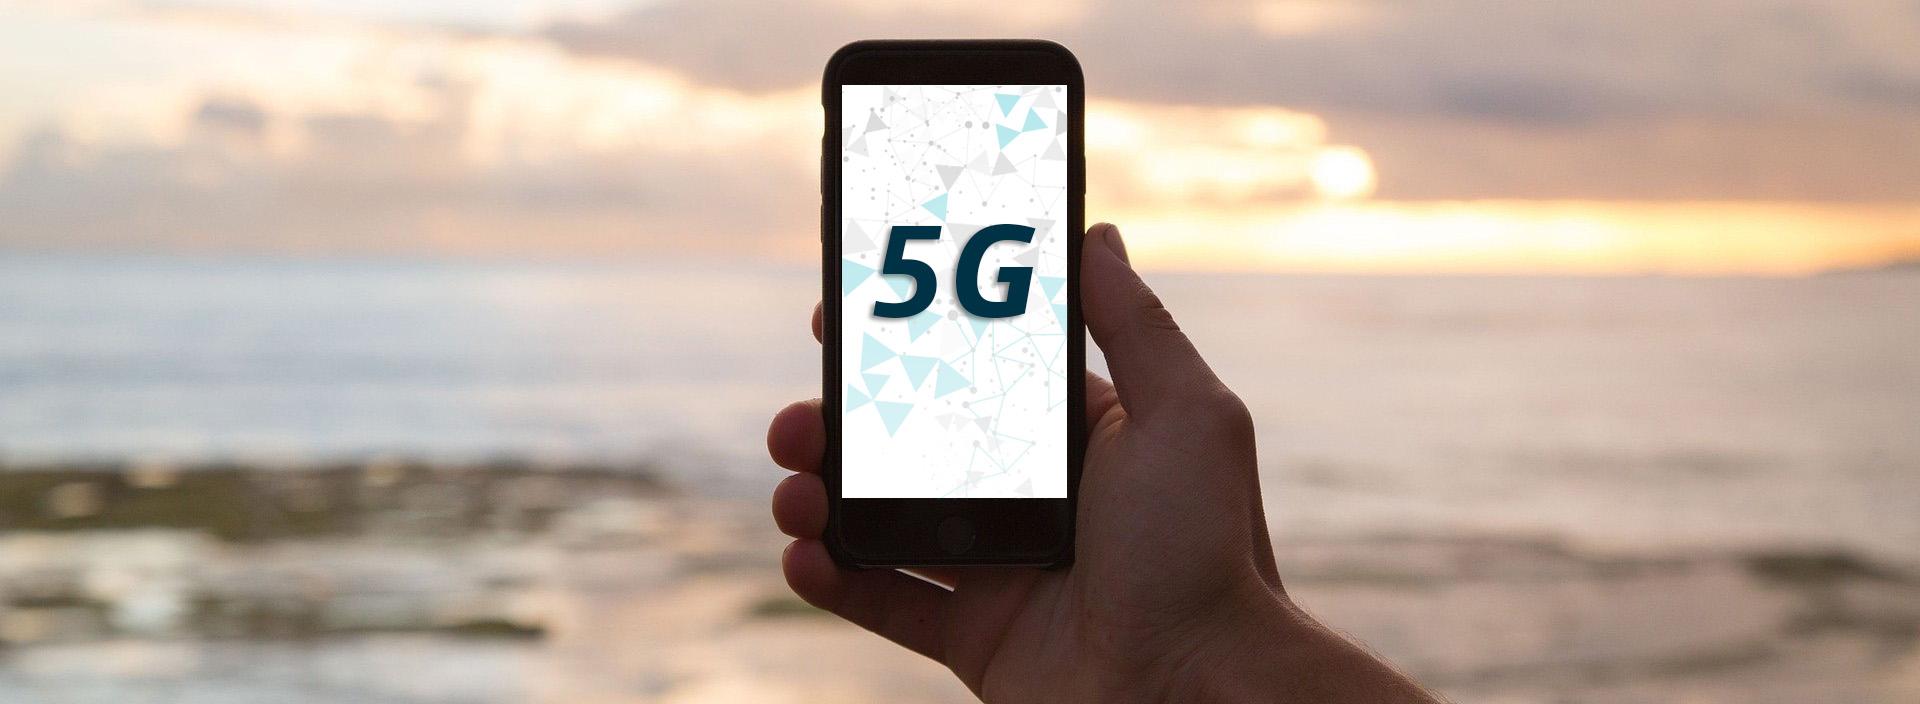 Cómo configurar tu teléfono para acceder a la red 5G